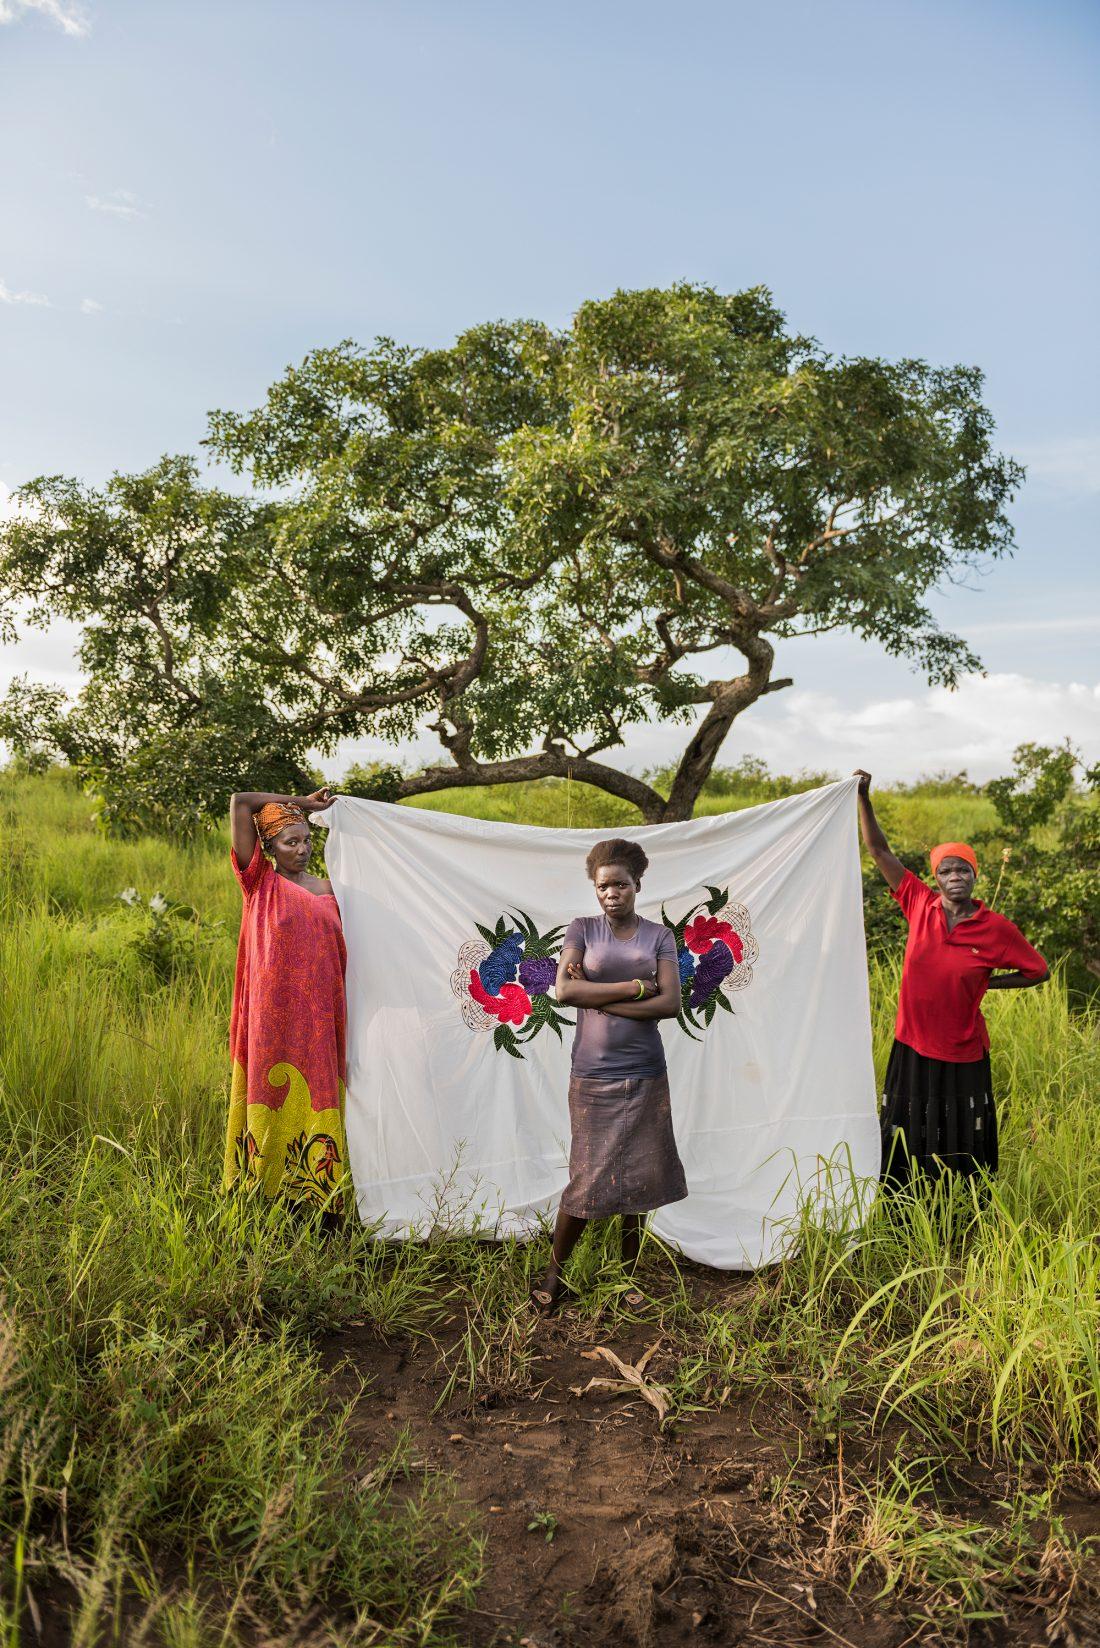 Viola Kide, 22 år, tvingades fly landet och lämna sin mamma, pappa och bröderna hemma i Yei. Hon vet fortfarande inte om de har dödats eller lyckats fly. Nu bor hon här med sin moster Elisabeth, kusinen Joyce och de andra sex familjemedlemmarna. Foto: Nora Lorek